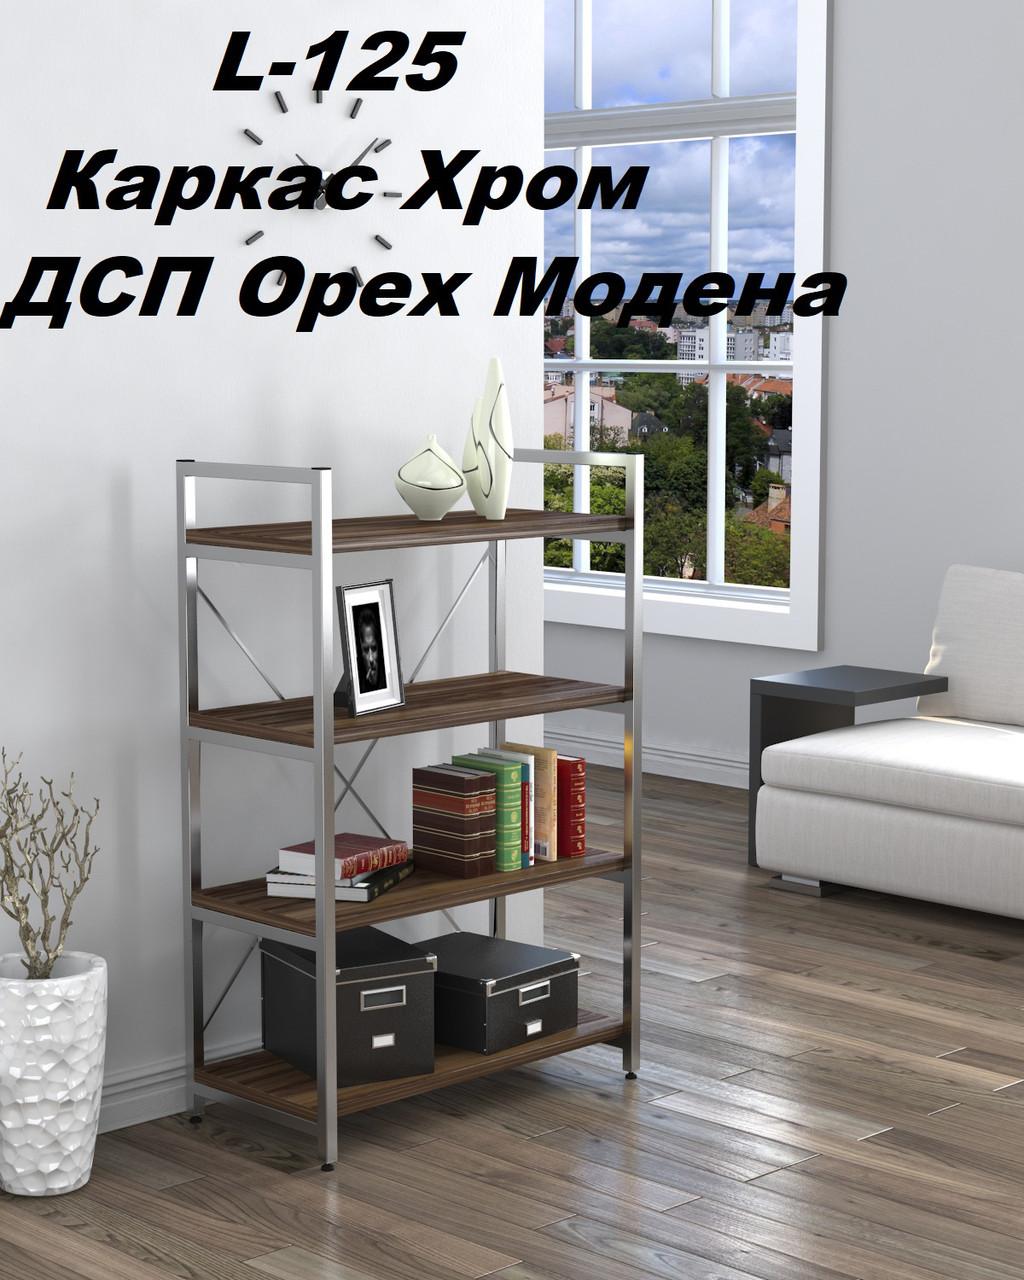 Стеллаж офисный L-125 Хром, ДСП Орех Модена (Loft Design TM)